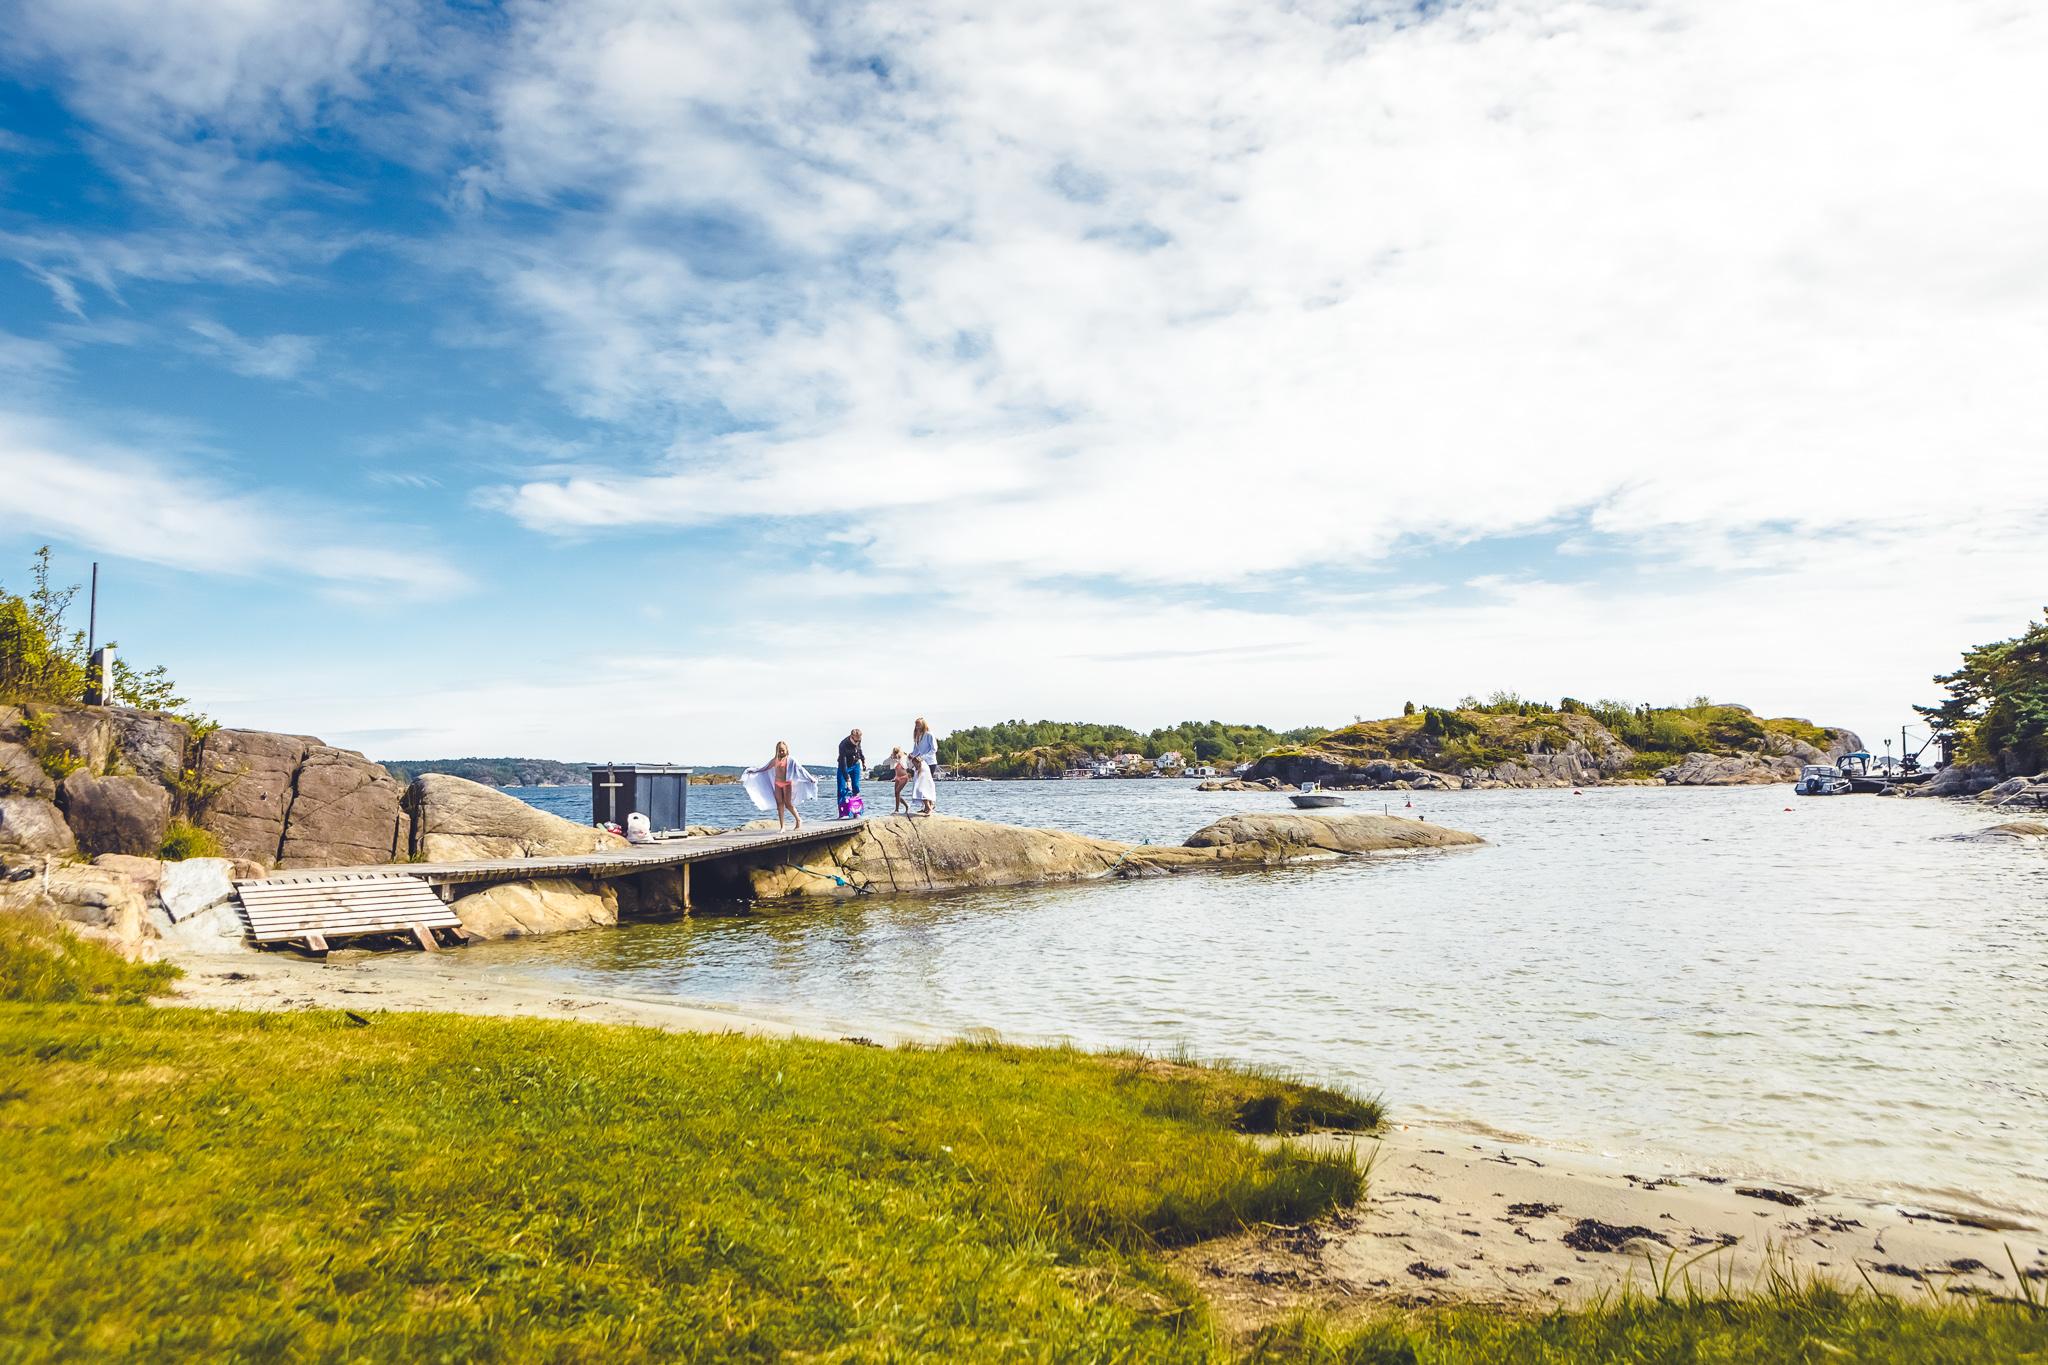 Mange vakre steder å besøke i skjærgården i Langesundsfjorden